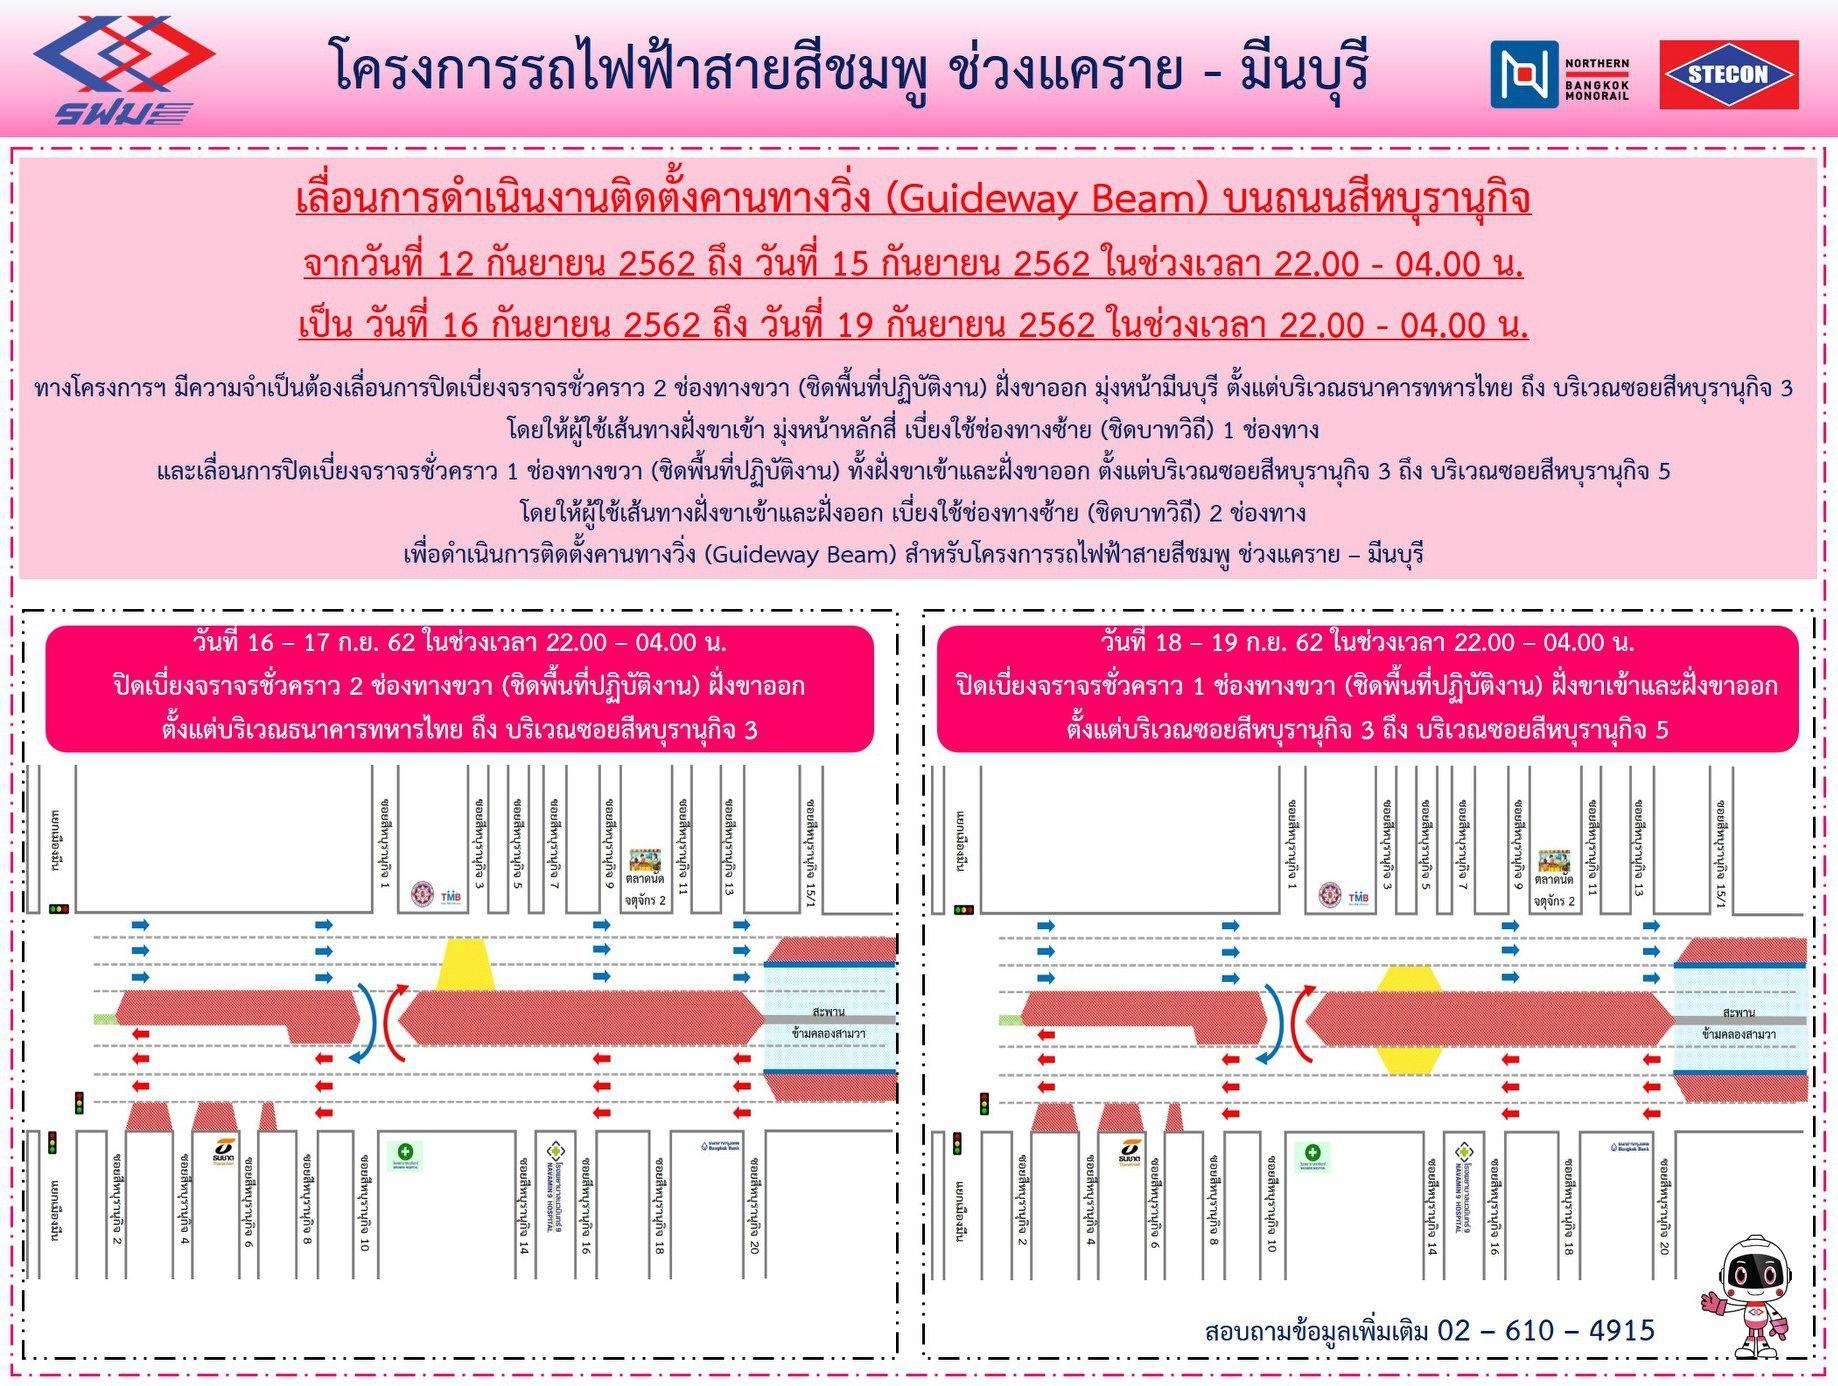 16 - 19 ก.ย.62 ทางโครงการรถไฟฟ้าสายสีชมพู ช่วง แคราย - มีนบุรีติดตั้งคานทางวิ่ง (Guideway Beam) บนถนนสีหบุรานุกิจ